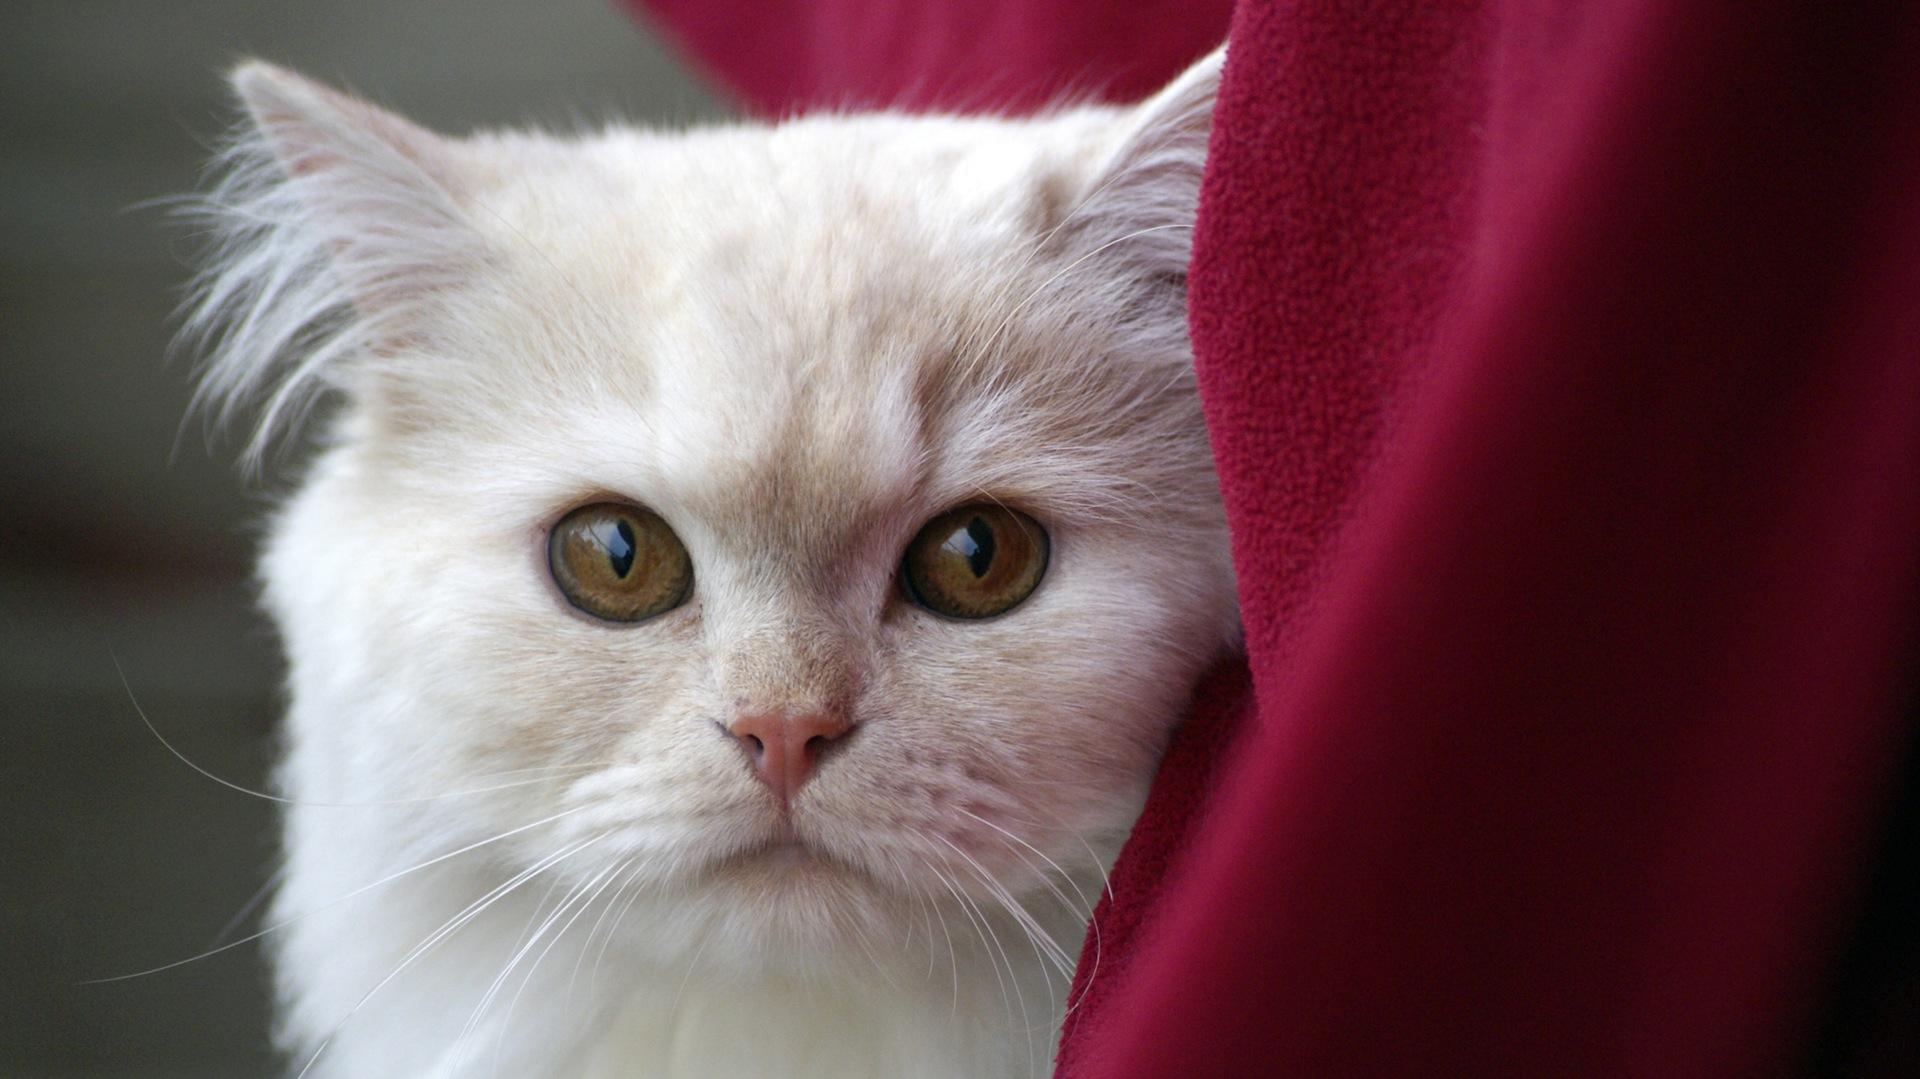 кошка, Домашнее животное, глаза, Смотреть, Белый - Обои HD - Профессор falken.com